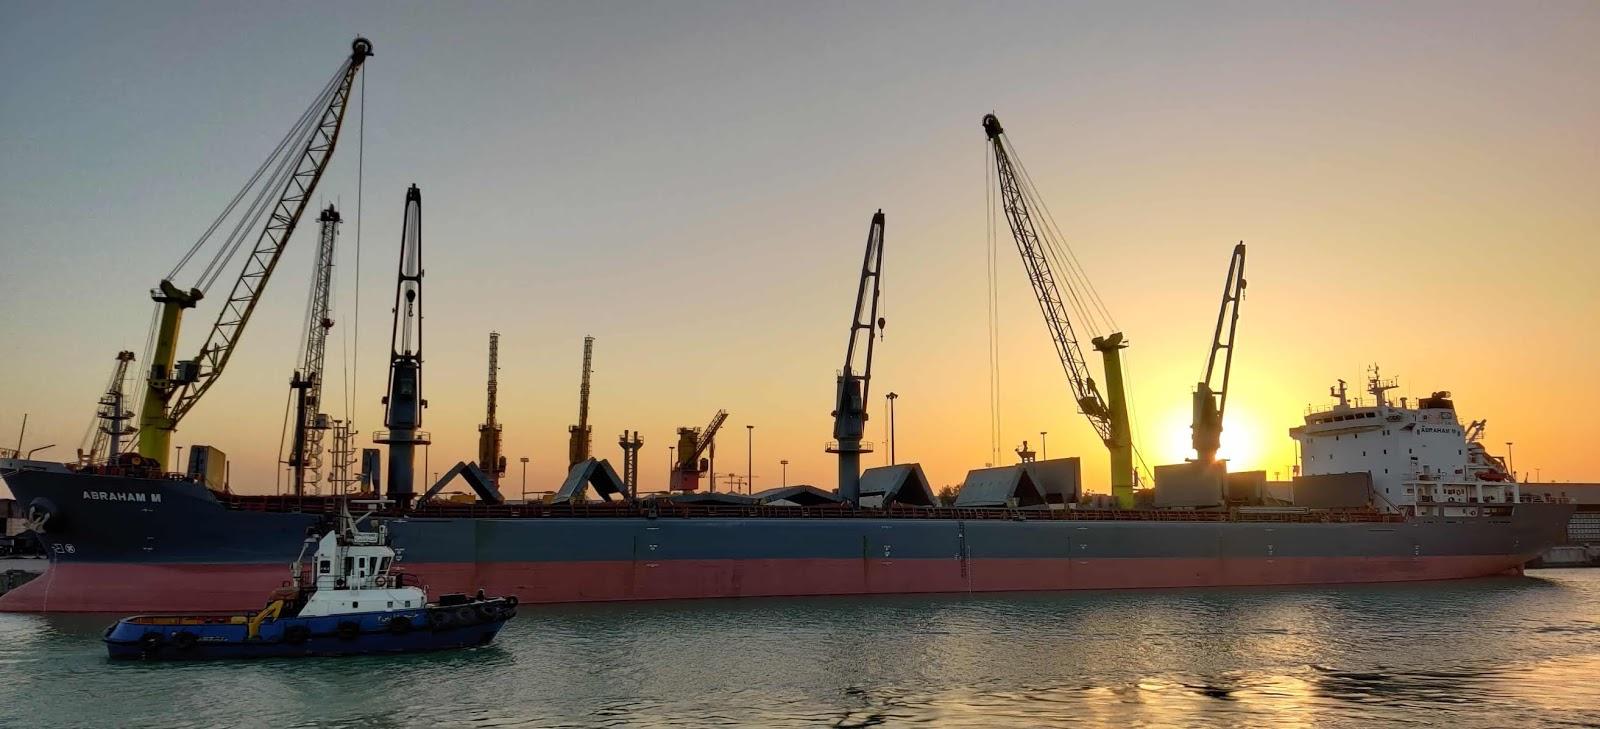 Bulk carrier, tug boat